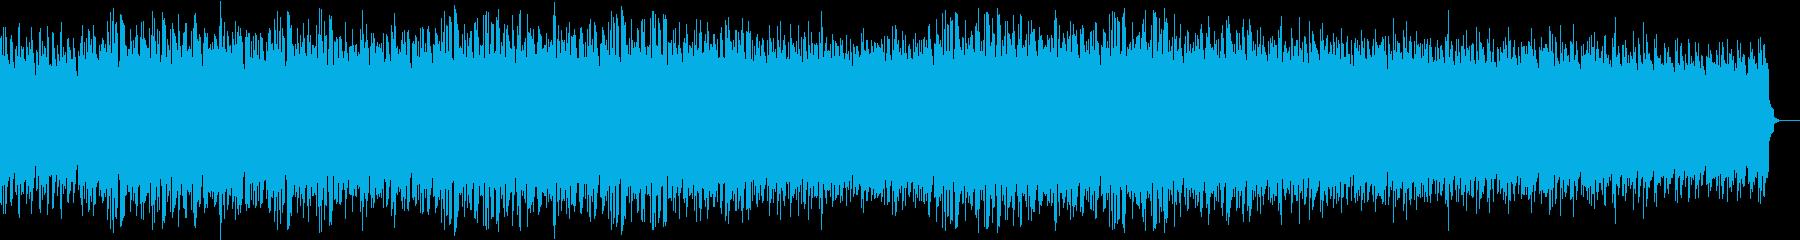 ピアノベースのエレクトロの再生済みの波形